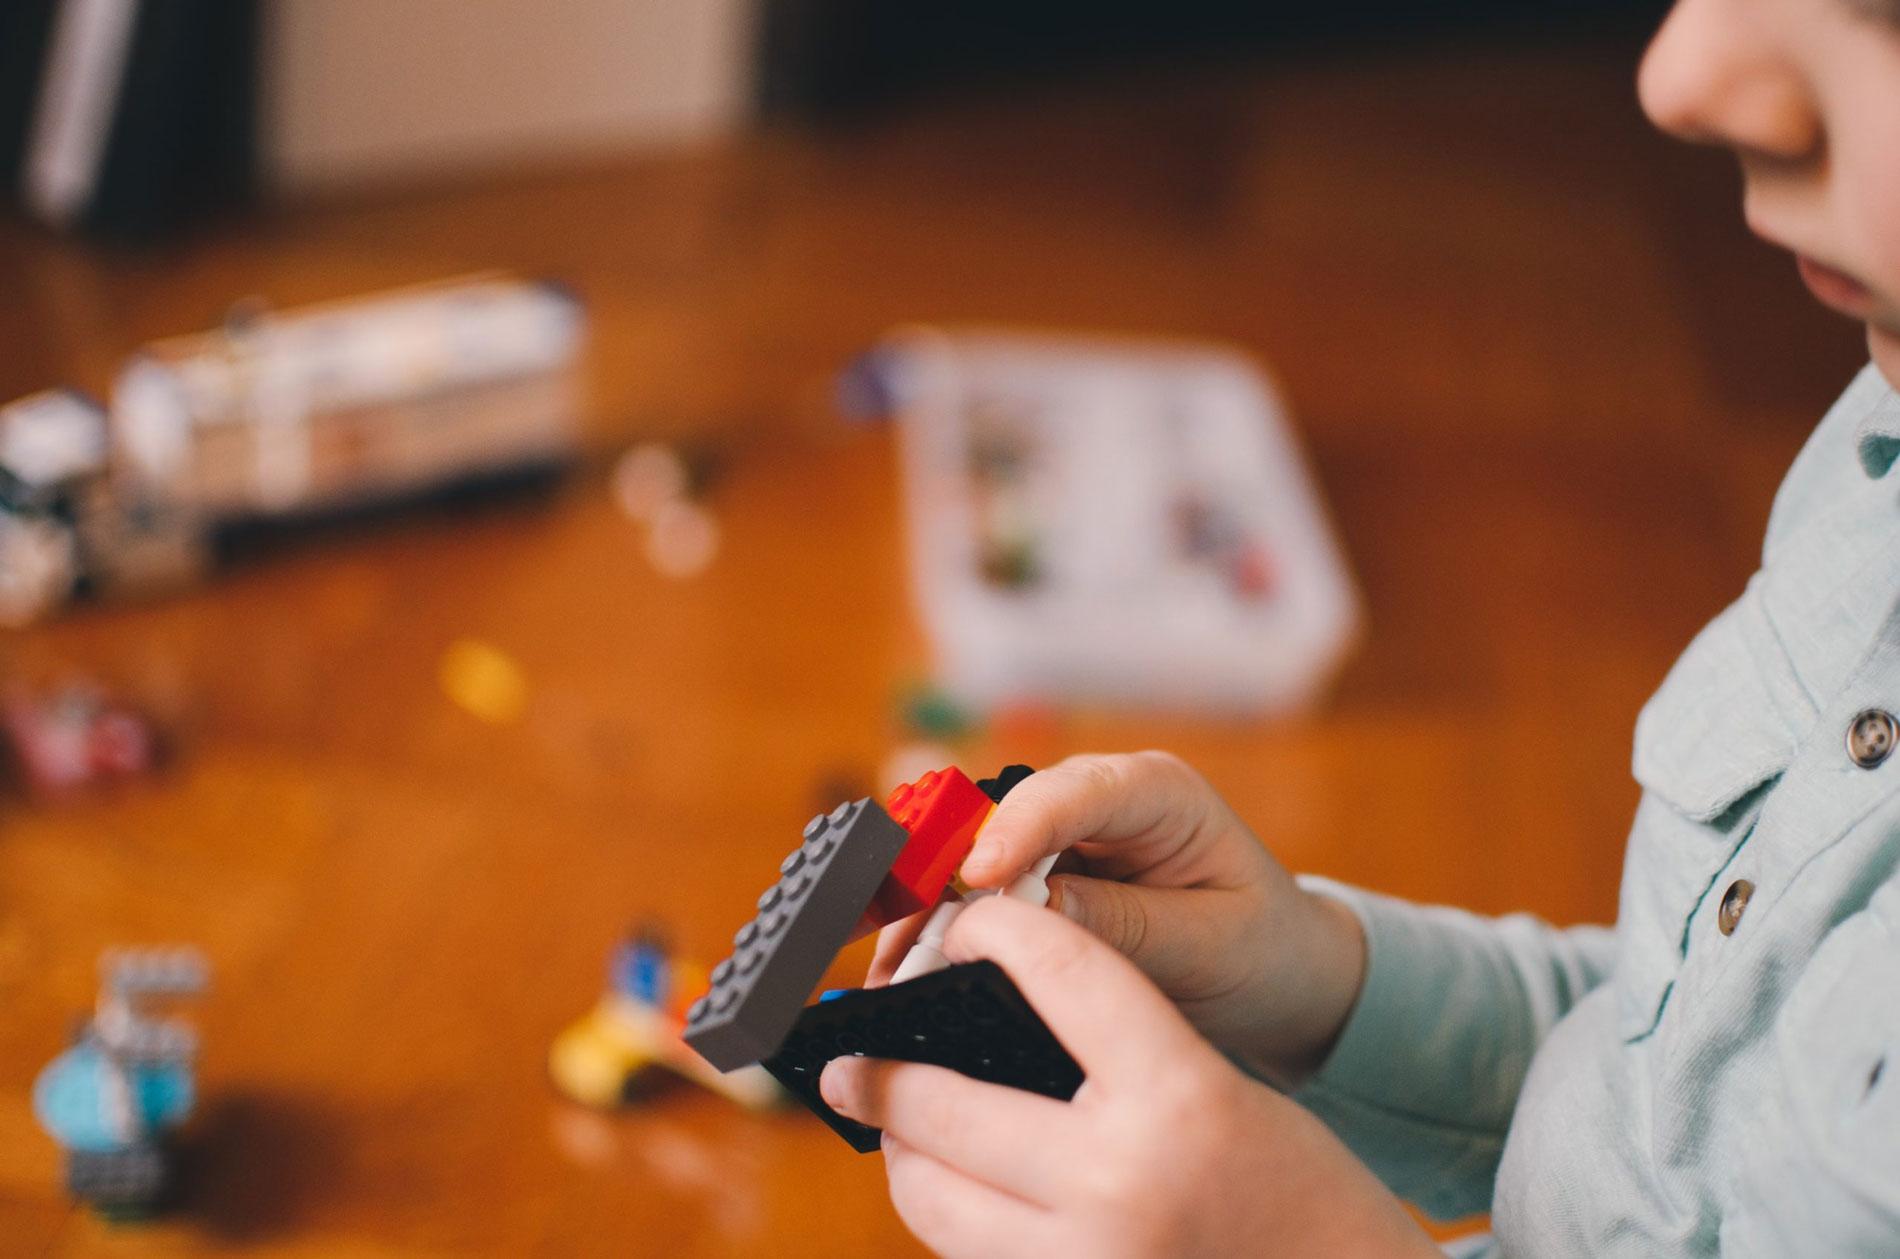 La gamificación siempre ha estado presente, pero gracias a las nuevas tecnologías podemos incorporarla más fácilmente en nuestras programaciones didácticas.